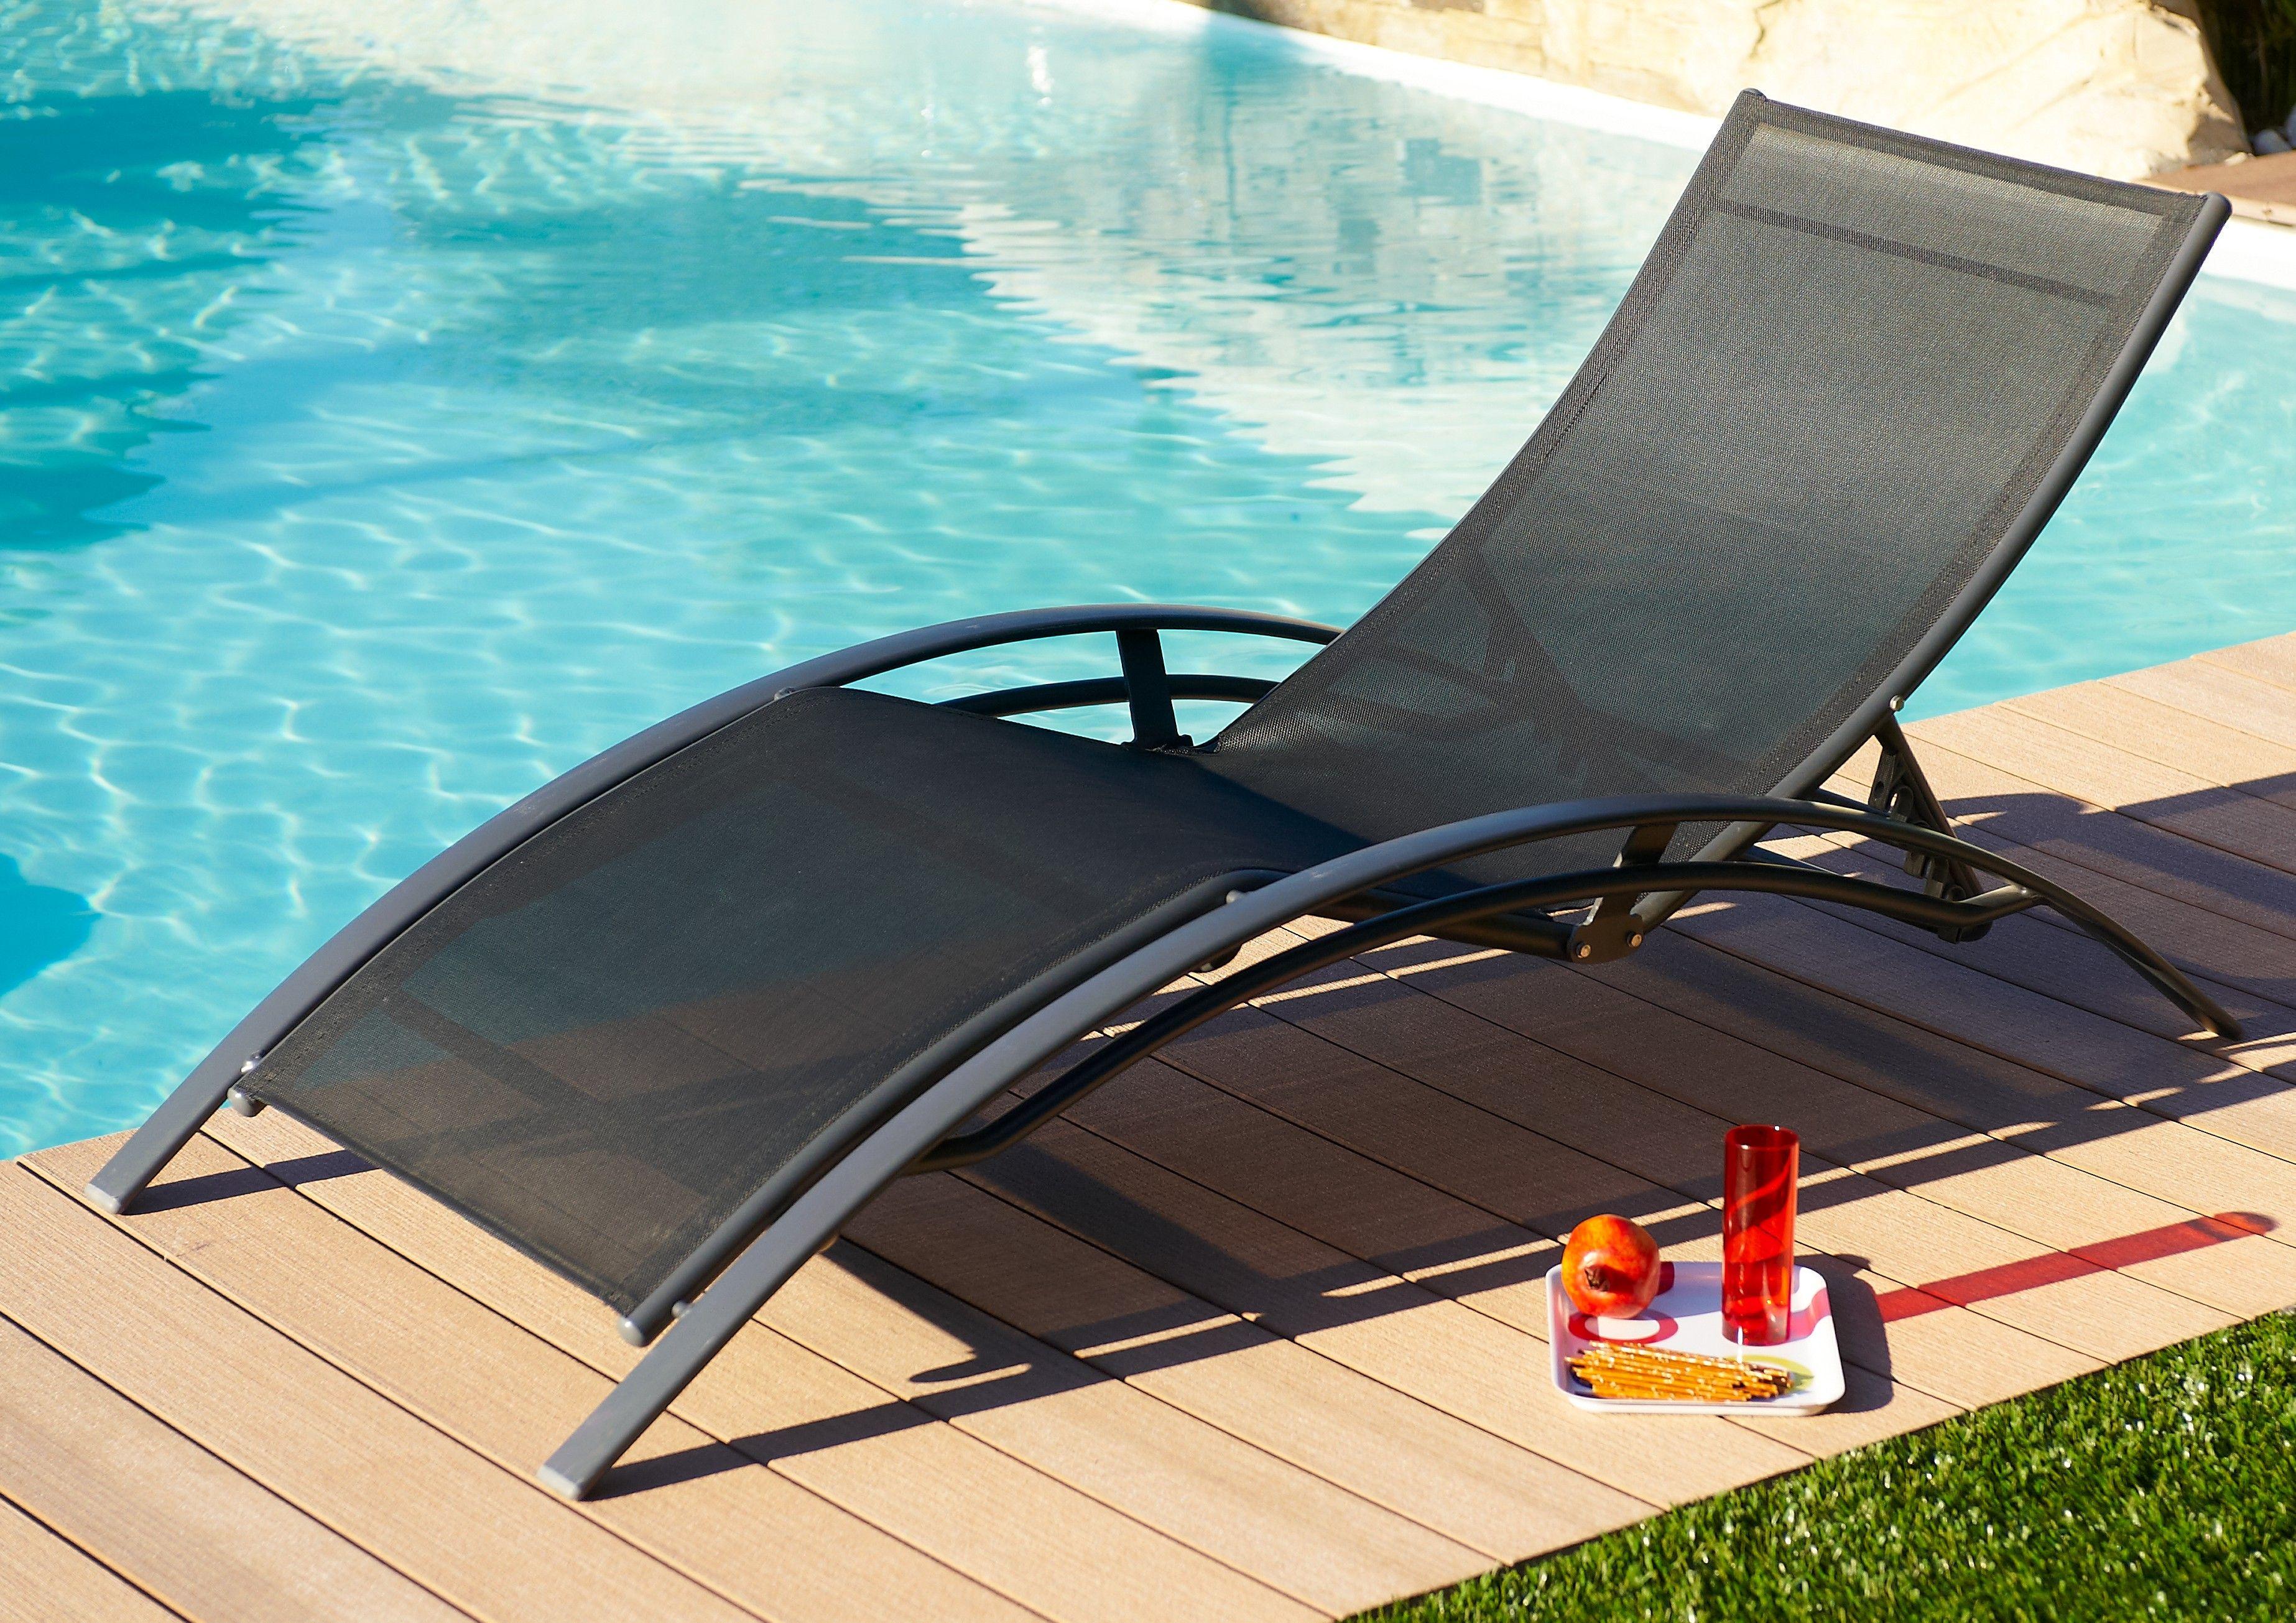 Afficher L Image D Origine Bain De Soleil Mobilier De Jardin Design Chaise Longue